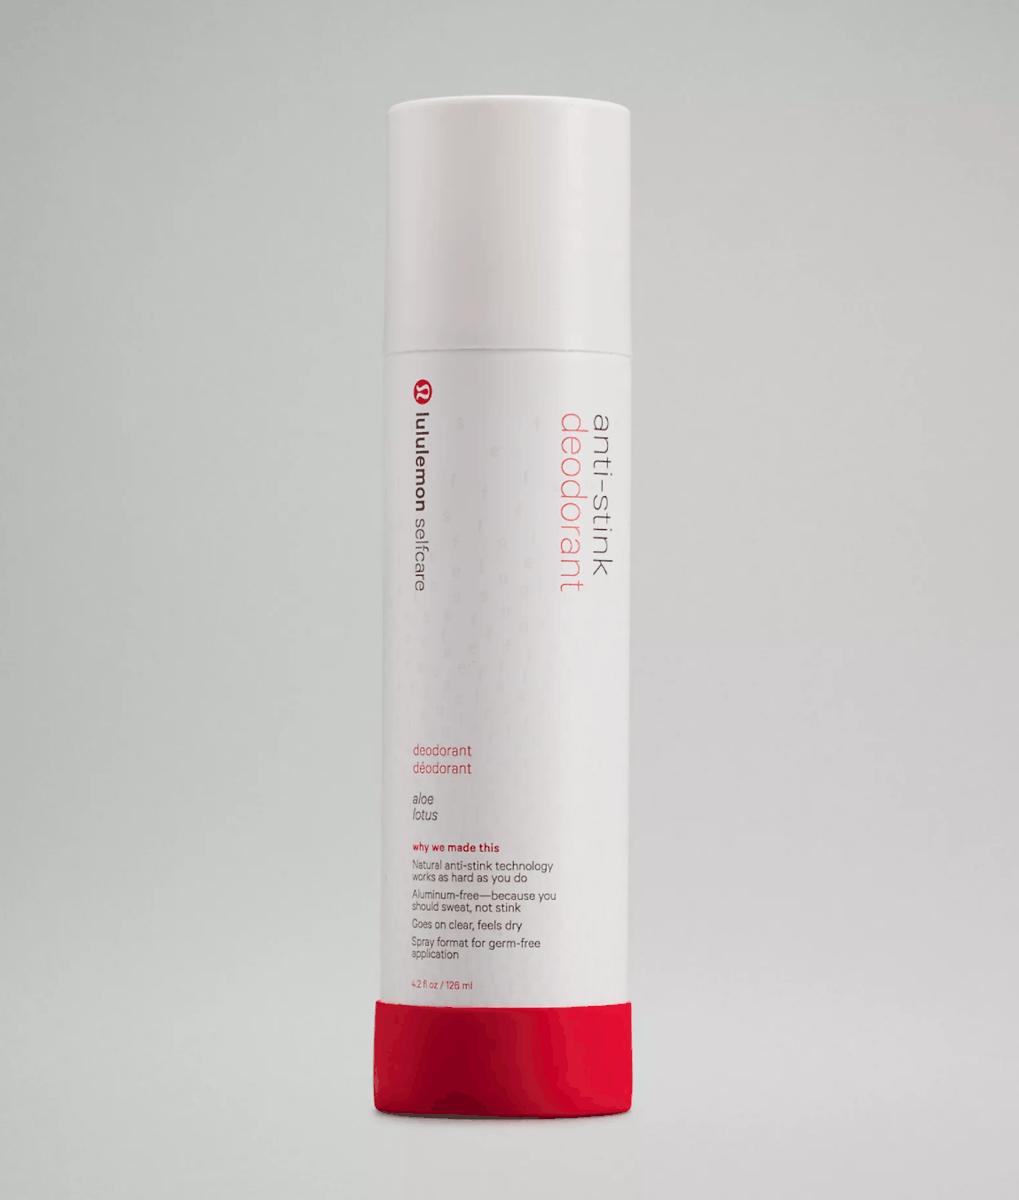 lululemon-deodorant